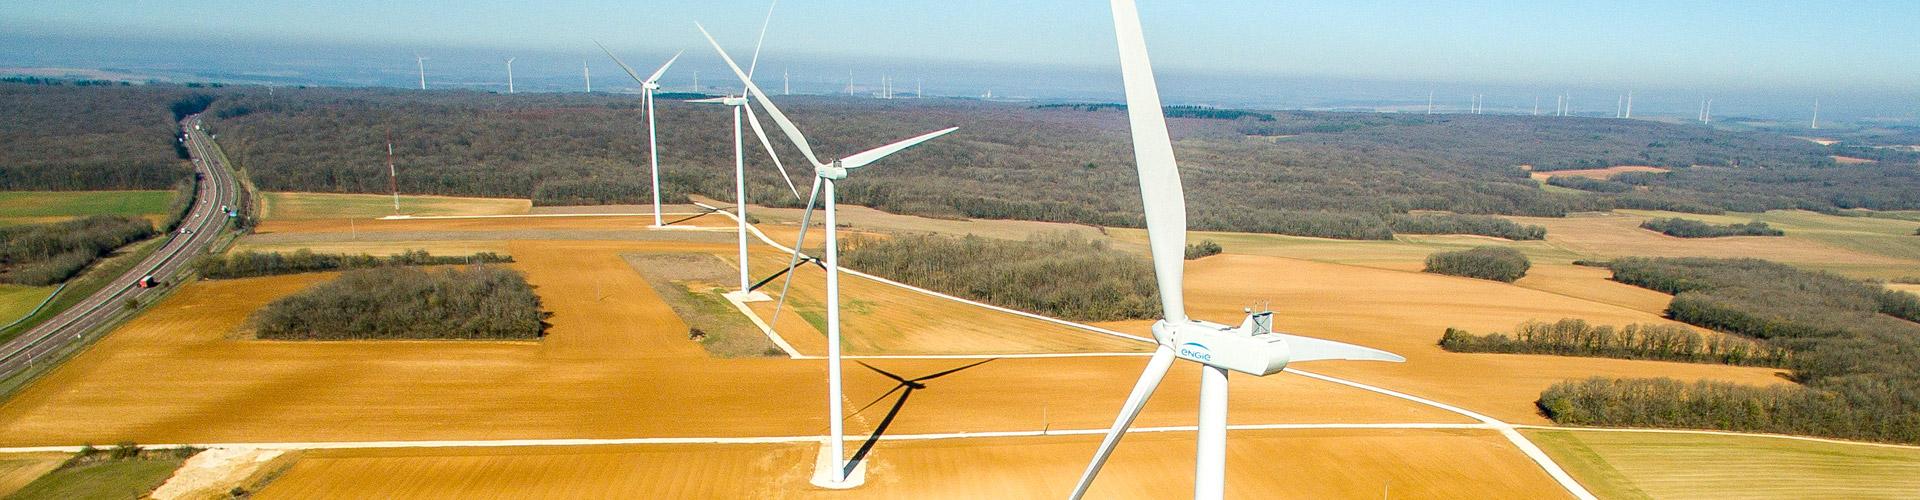 Image entête page solutions éolien